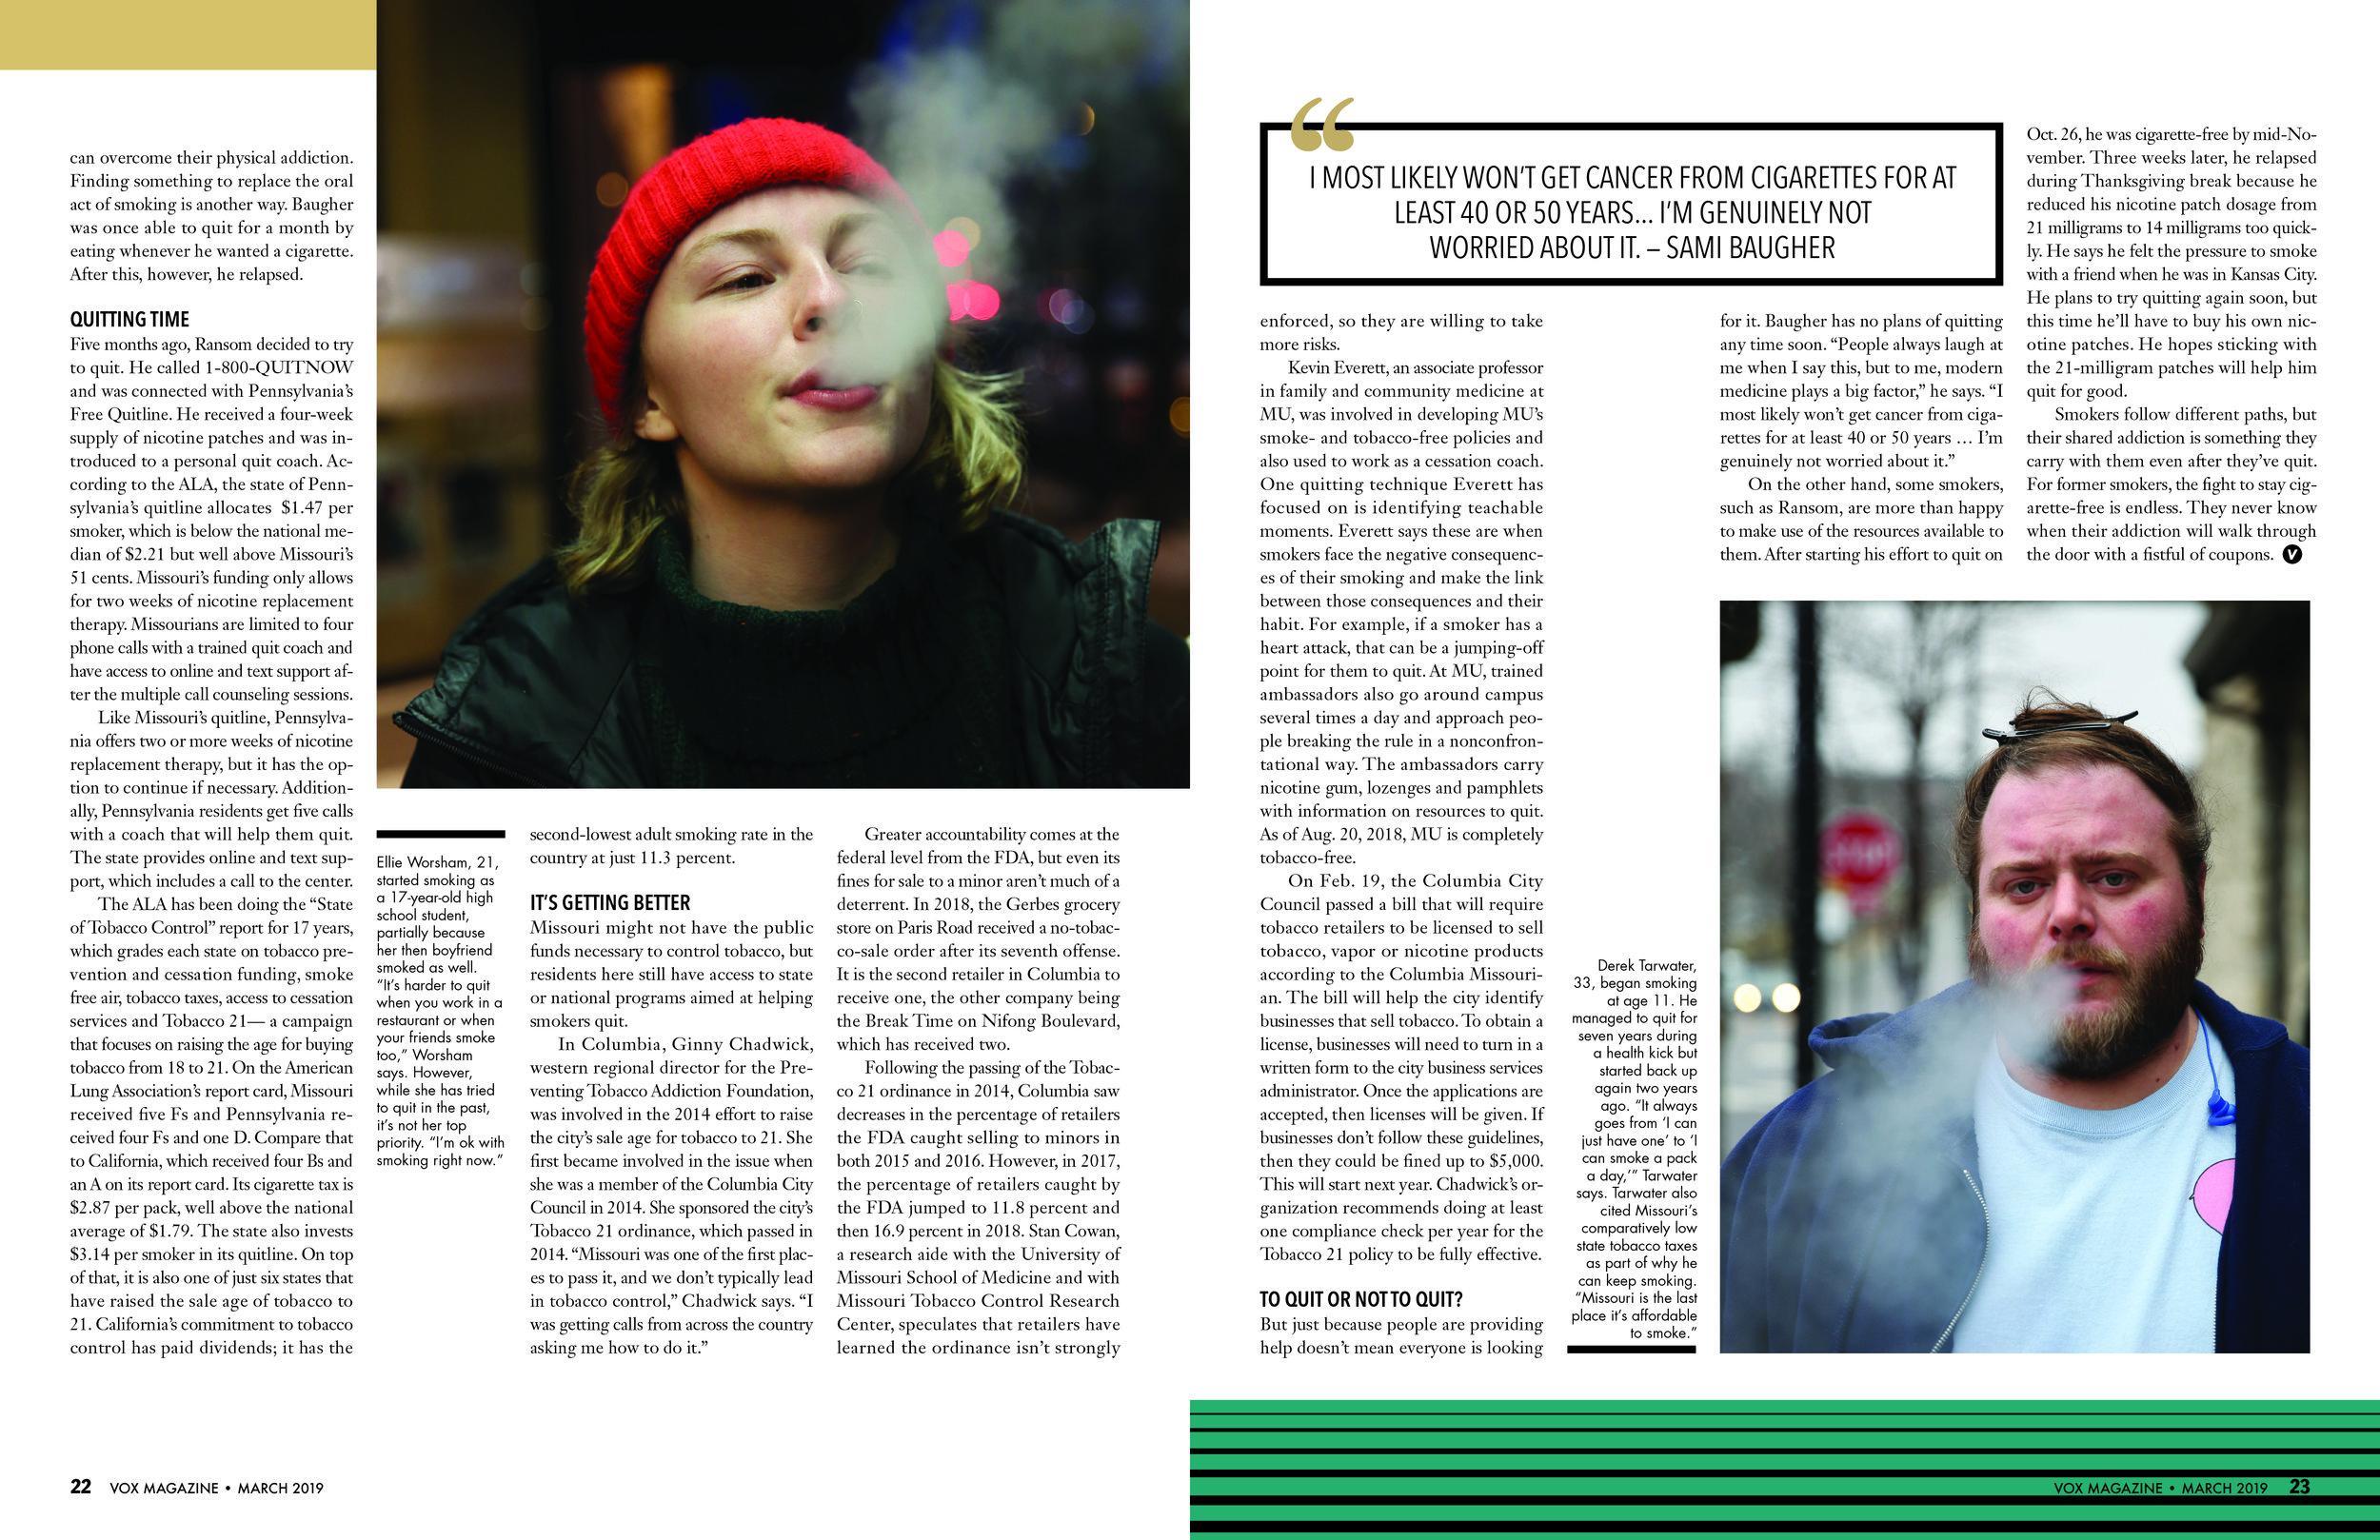 0319_SmokersParadise3.jpg